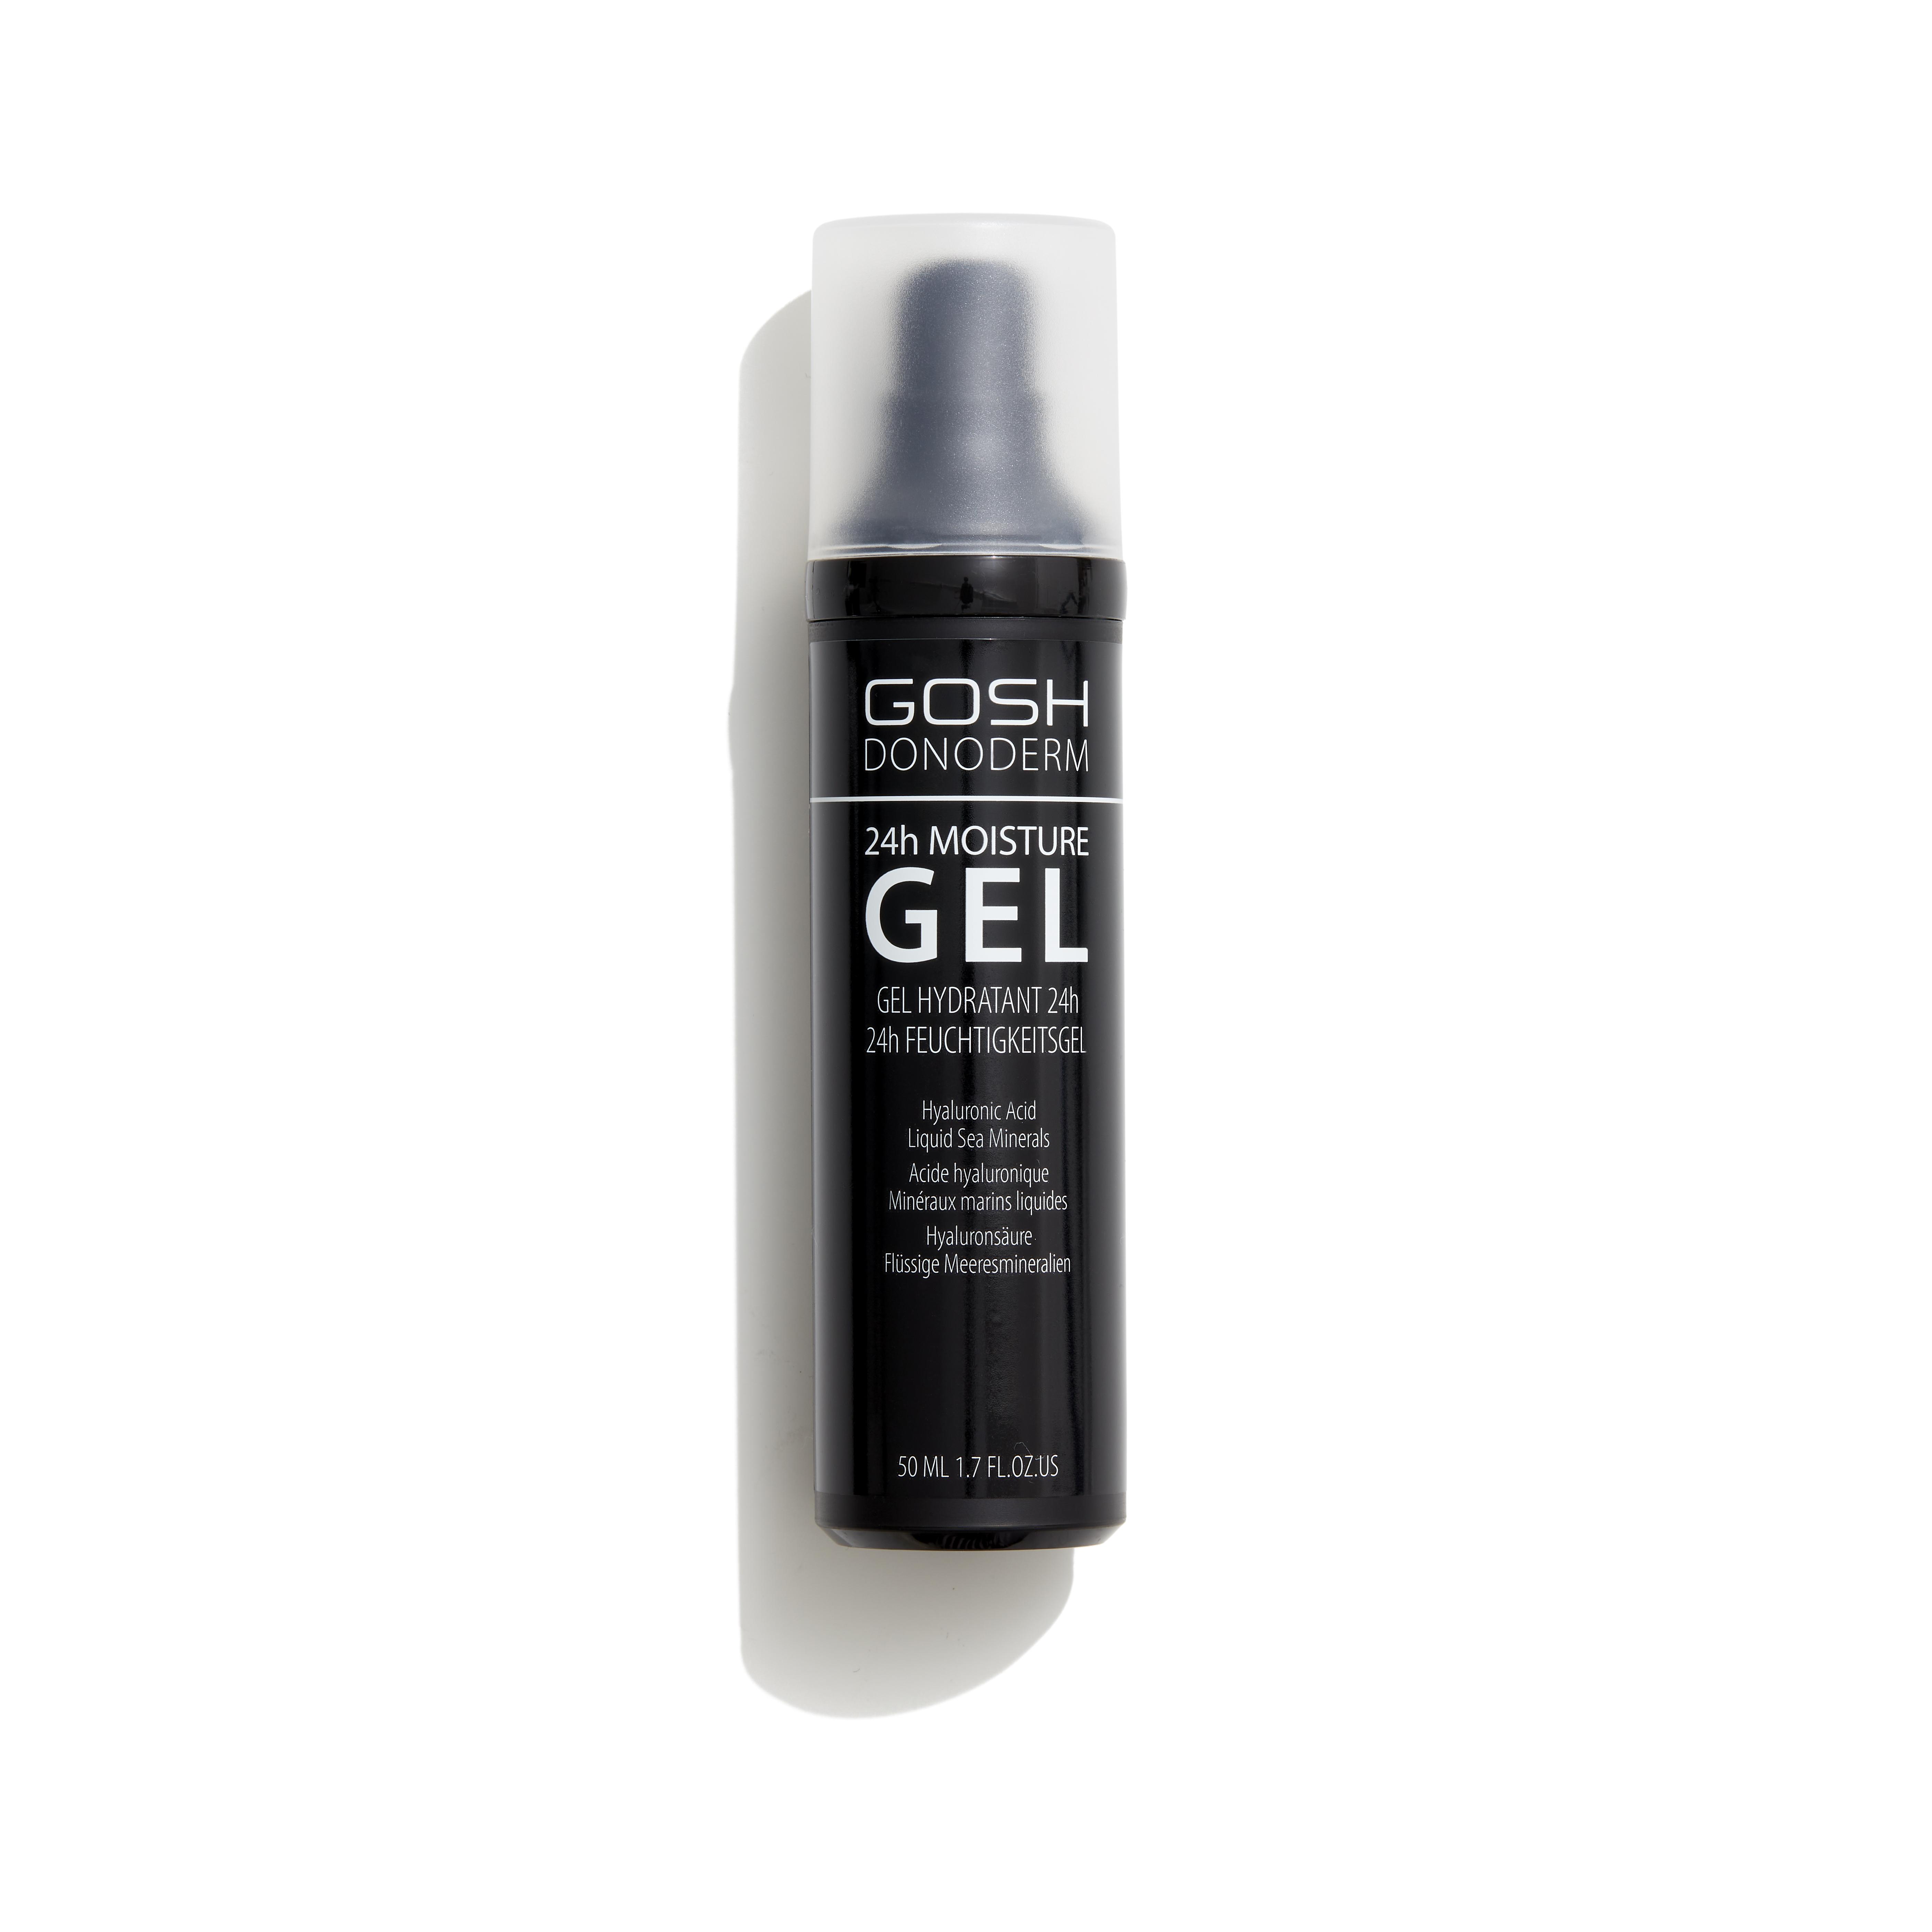 GOSH - Donoderm Moisture Gel 50 ml